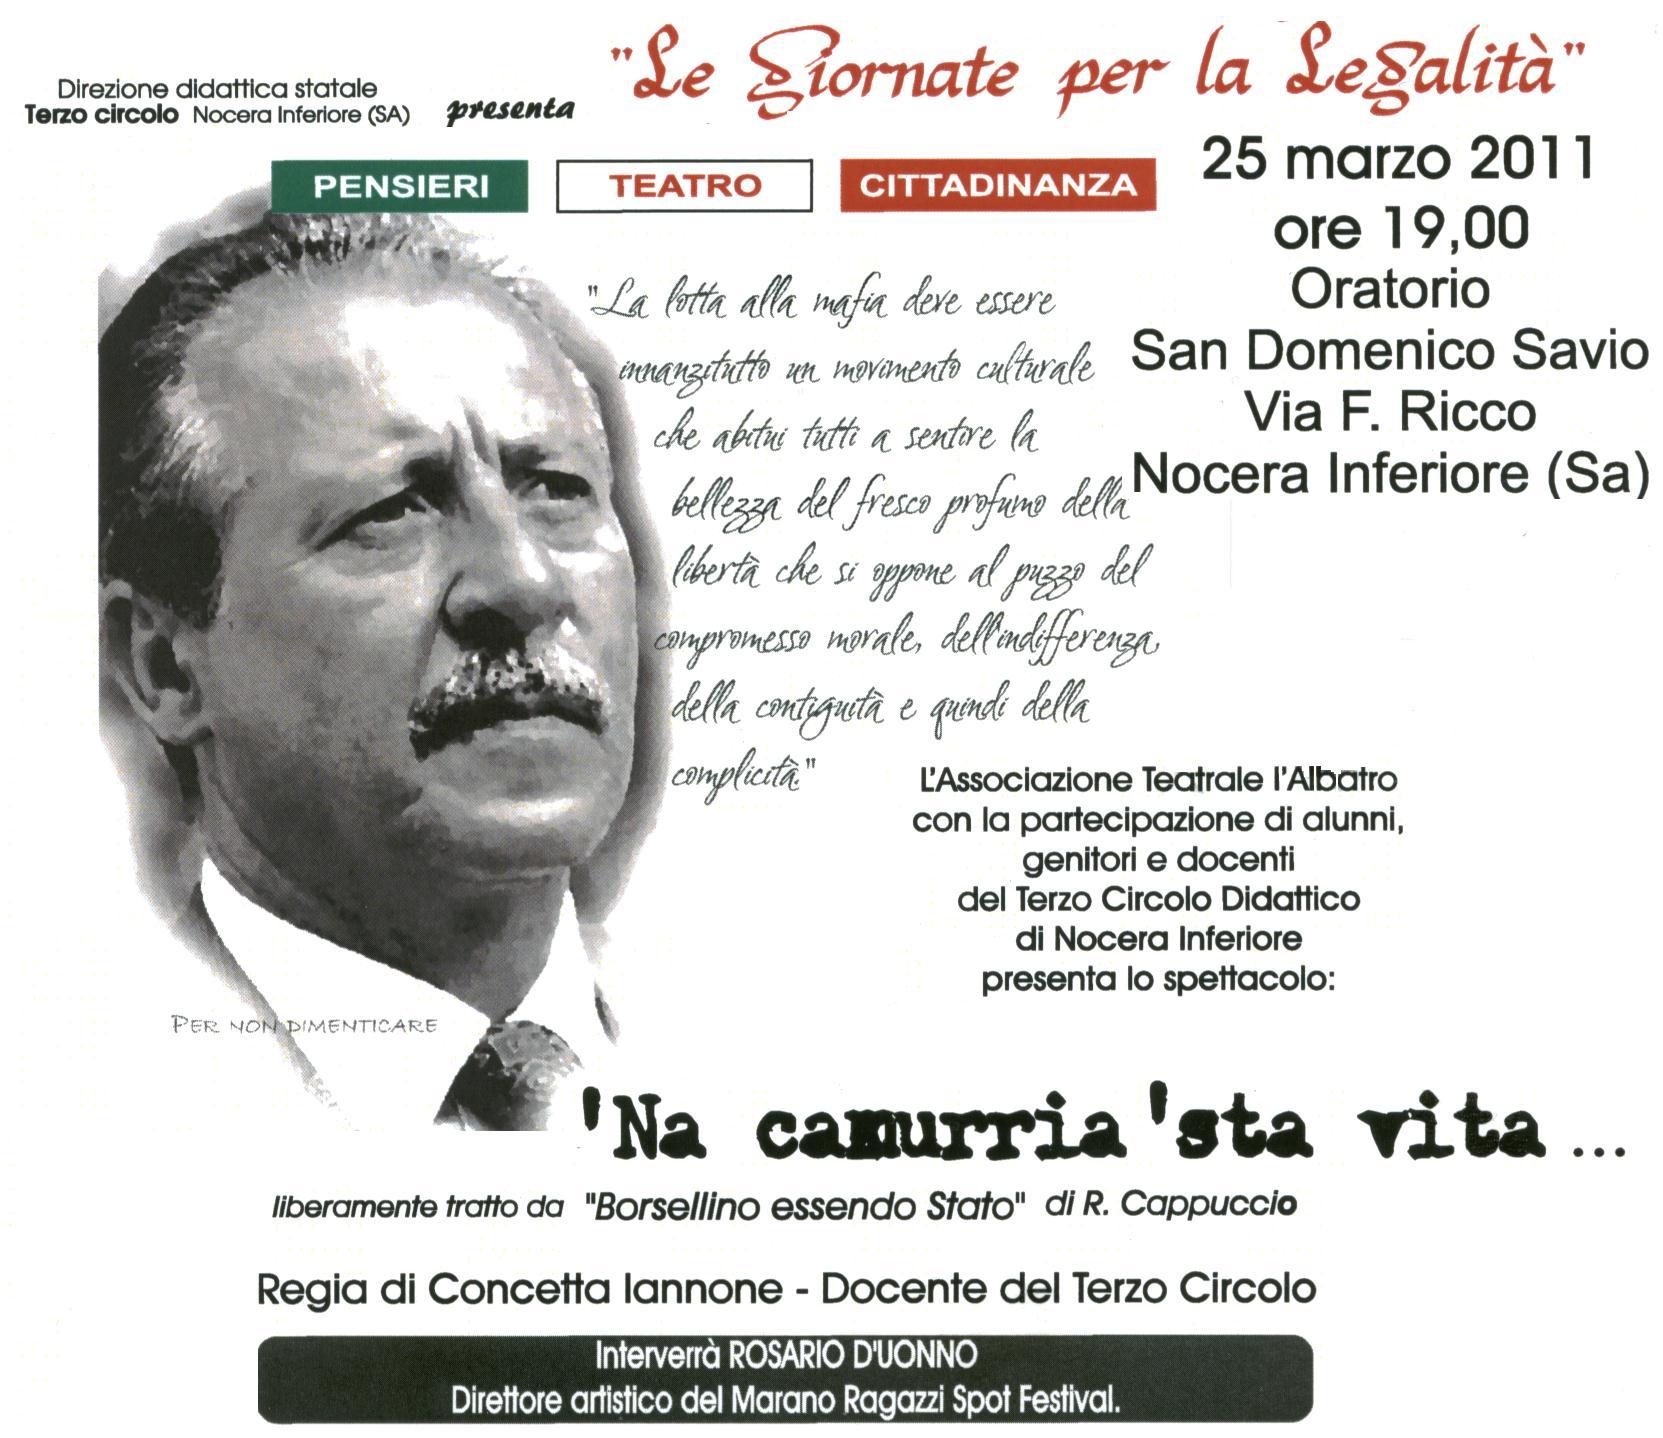 Nocera Inferiore: Giornate per la legalità  Dentro Salerno  L ...